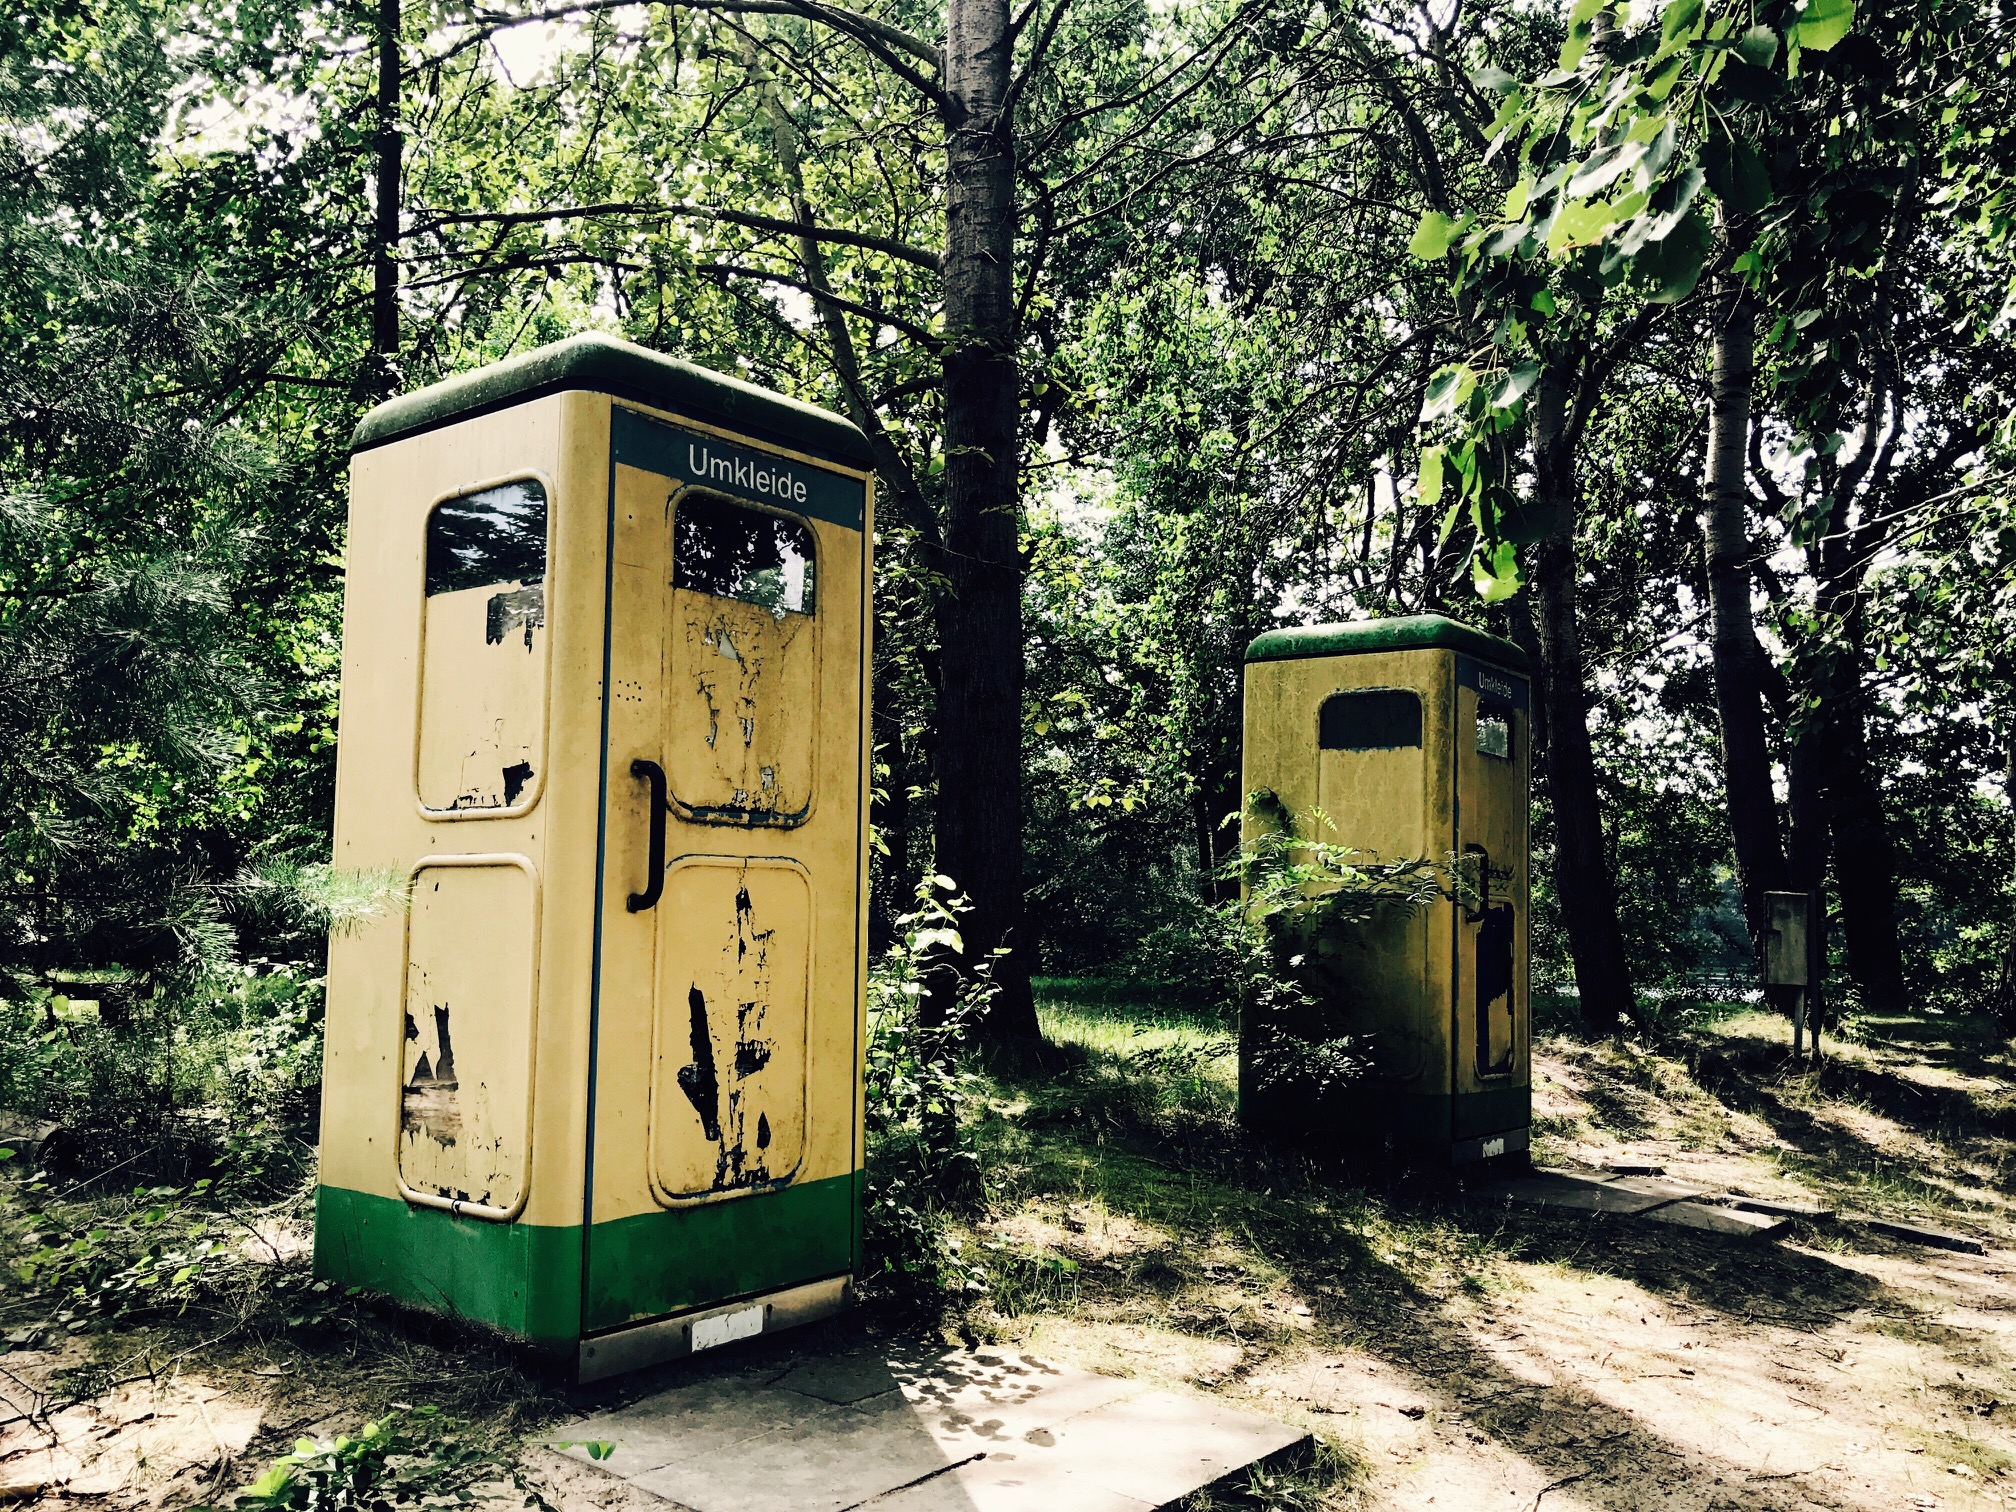 Umkleidekabinen am Glienicksee im Camp Dobbrikow, Brandenburg